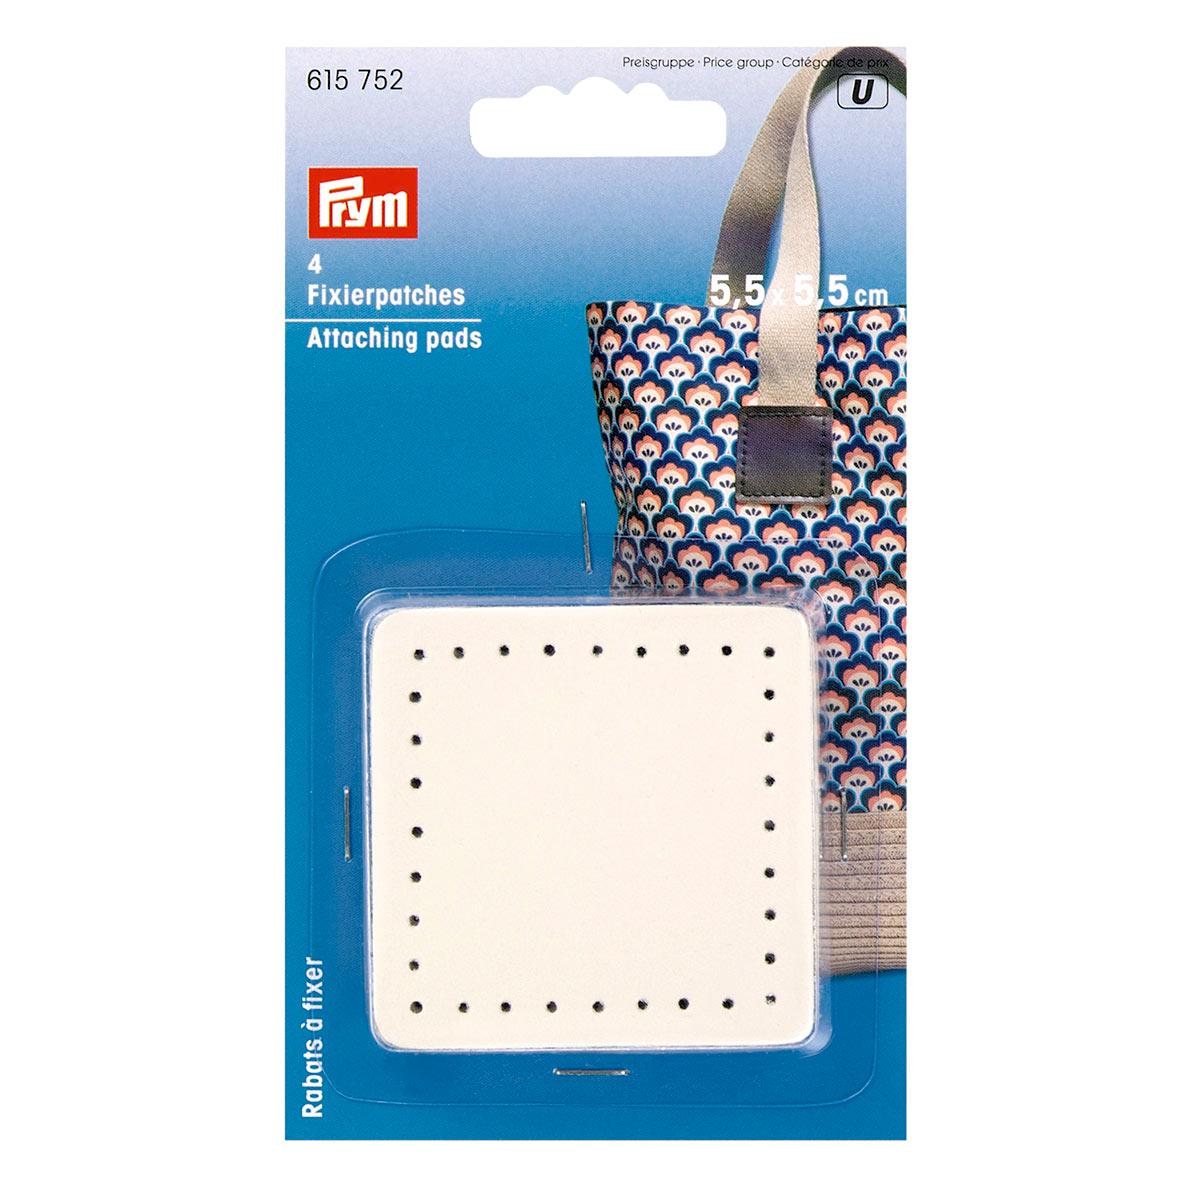 615752 Фиксирующие накладки для ручек сумки бежевый 4шт Prym